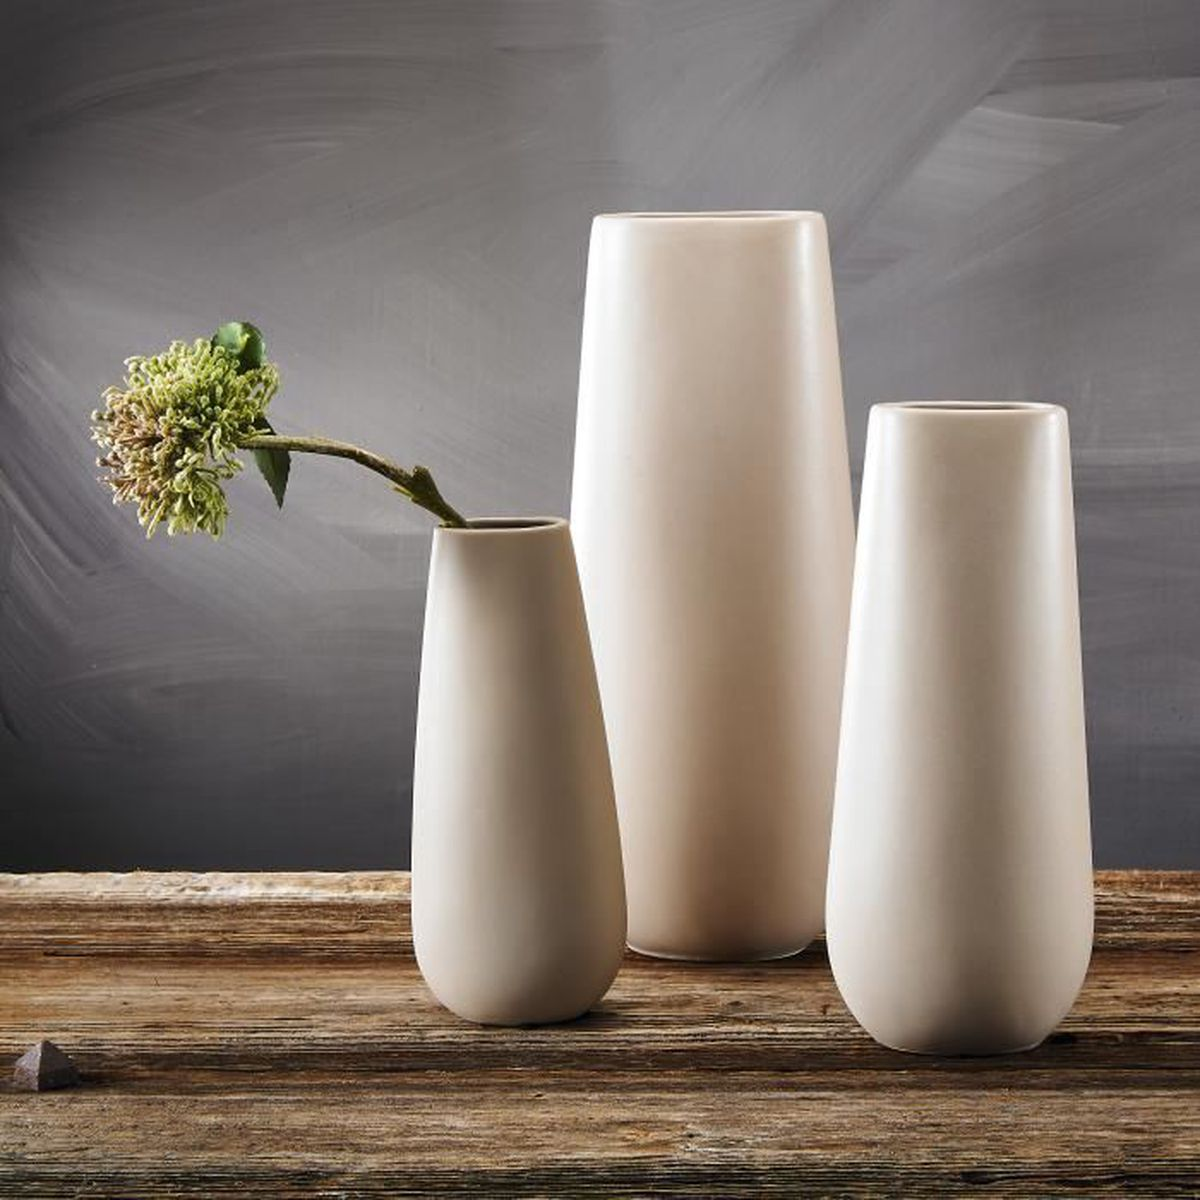 Décoration Entrée De Maison pure.lifestyle 3pcs vases rond soliflore gris décoration